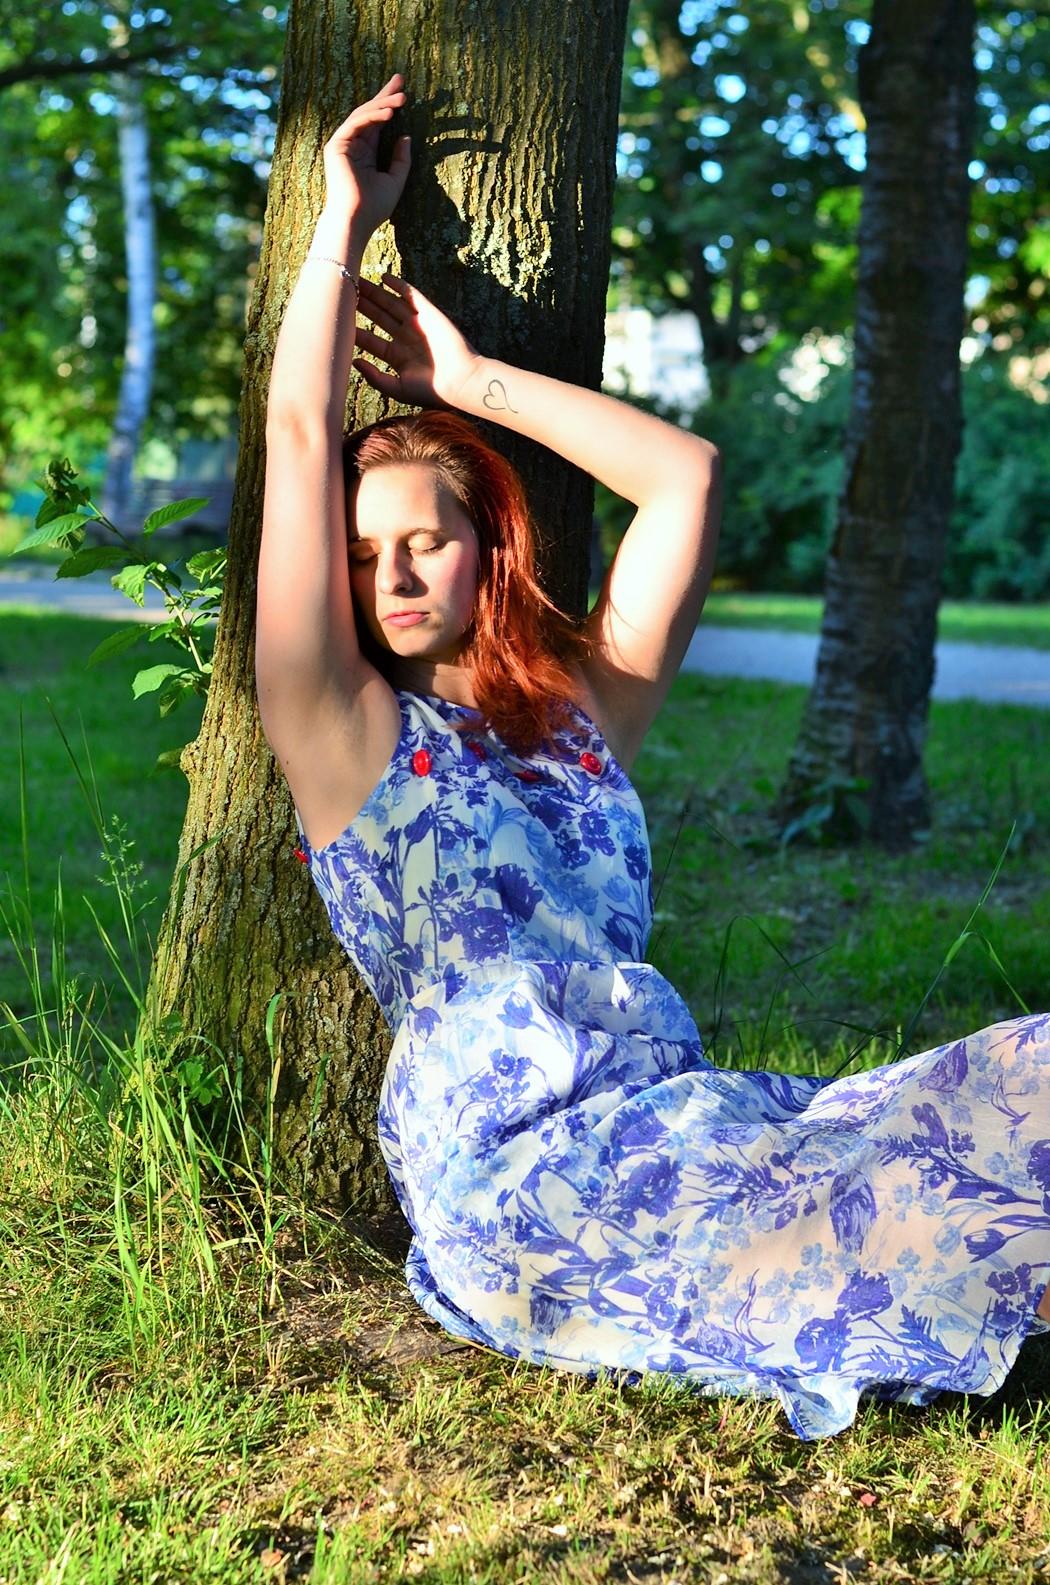 Alice's Pig-Kleid-Maxikleid_Alices Pig_Kleid von Alice's Pig-blaues Maxikleid-Gegenlicht Fotografie-Sonnenuntergang-Natur-barfuß-Annanikabu-1 (3)